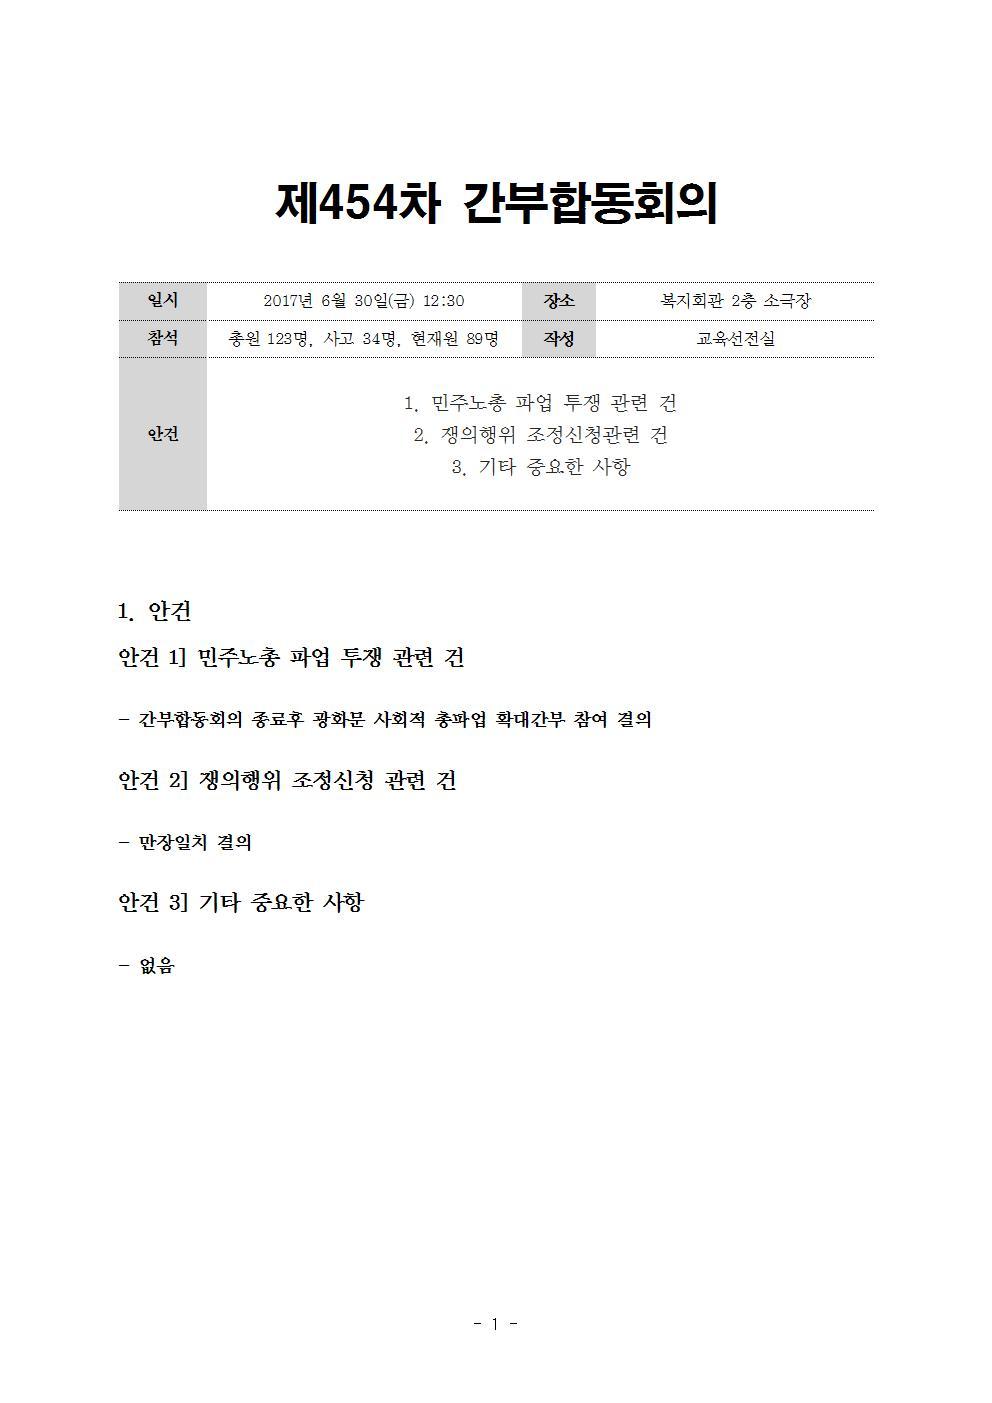 제454차 간부합동회의001.jpg